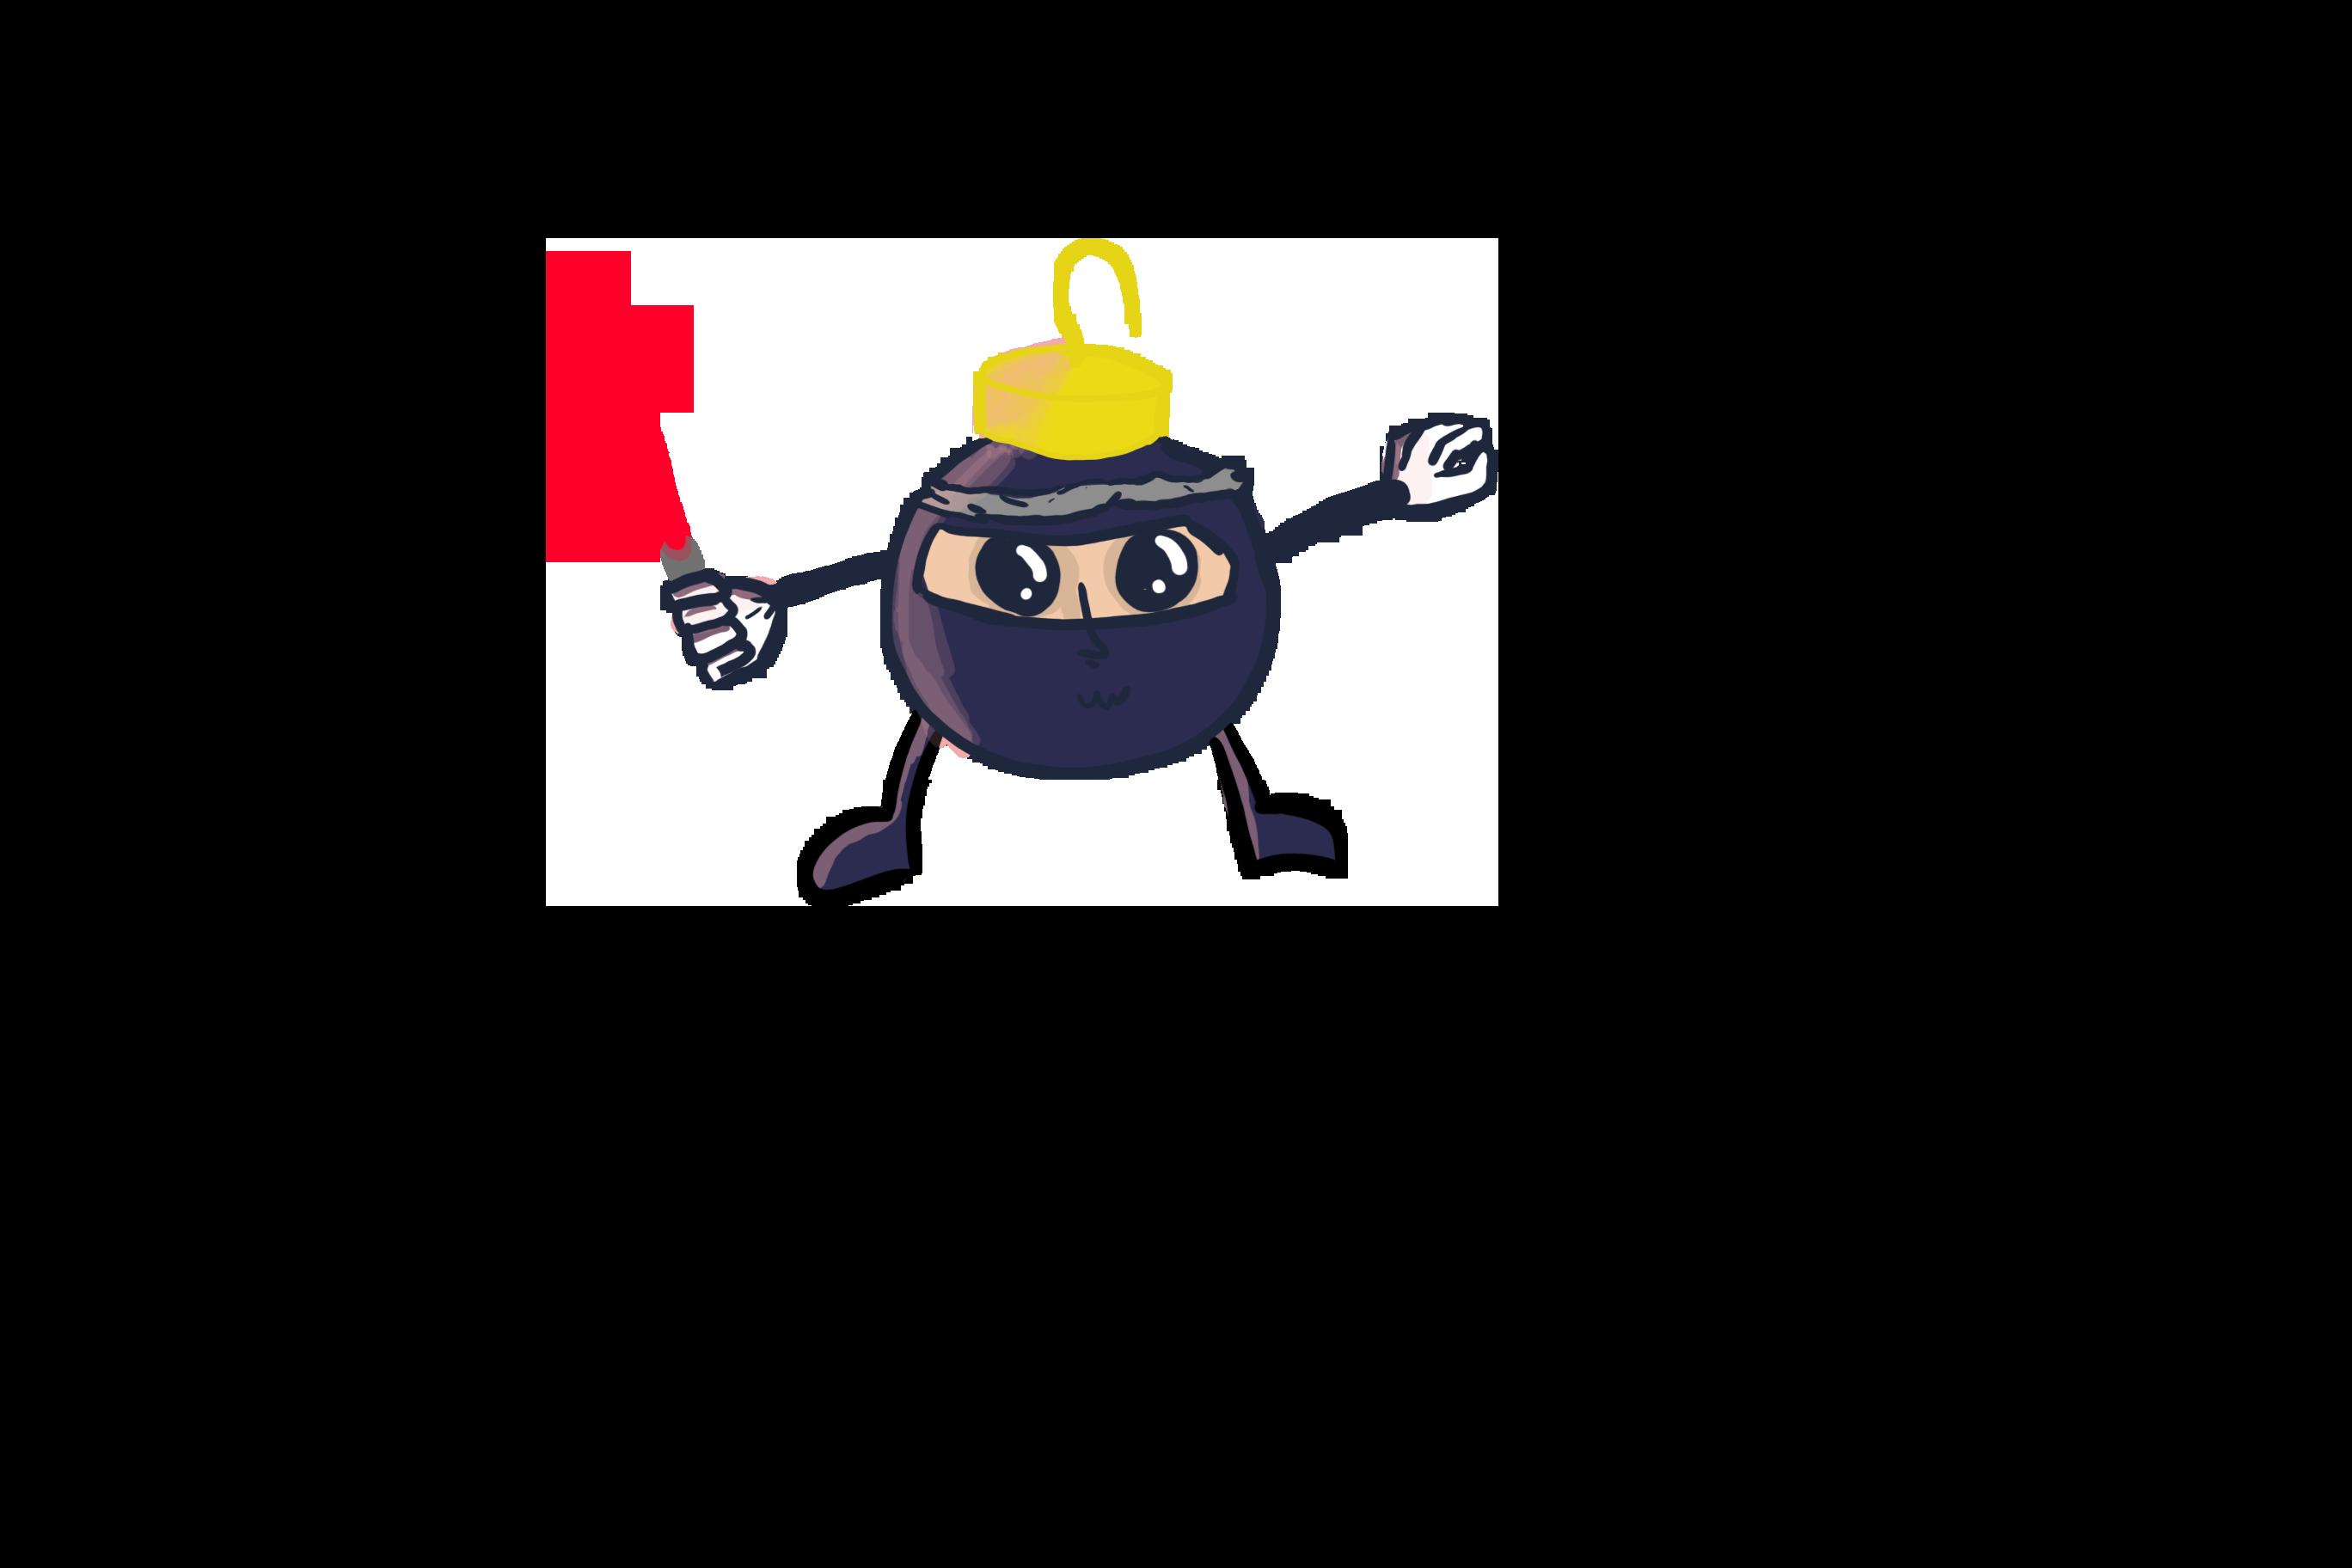 The Christmas Ninja